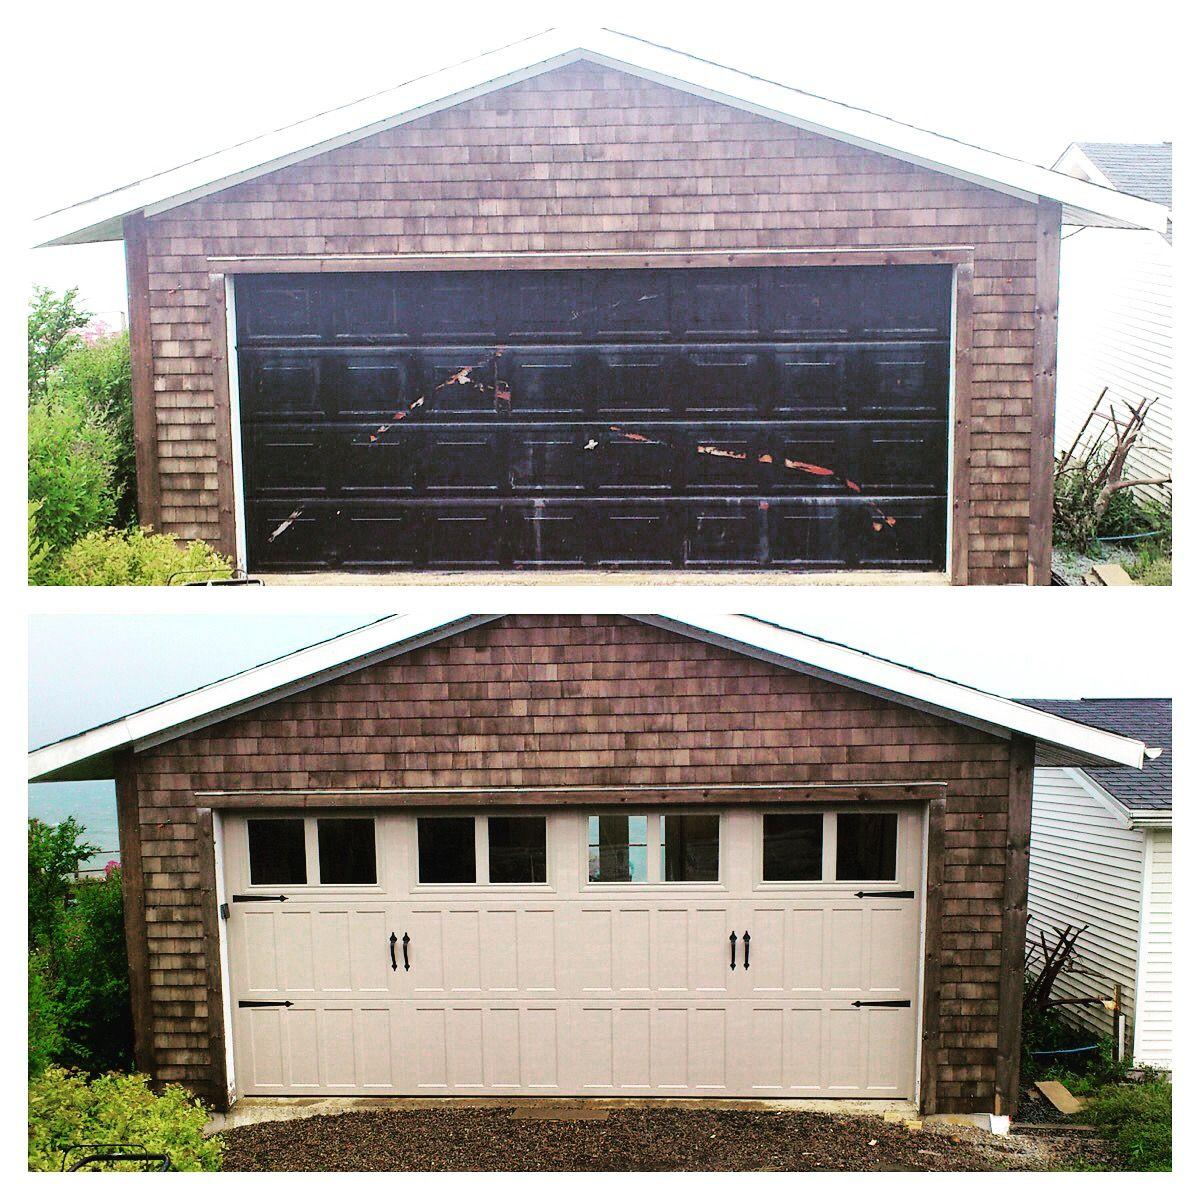 Halifax Garage Doors Garage Door Repair Service Installation And Sales Halifax Nova Scotia Canada Garage Door Design Garage Door Company Door Design